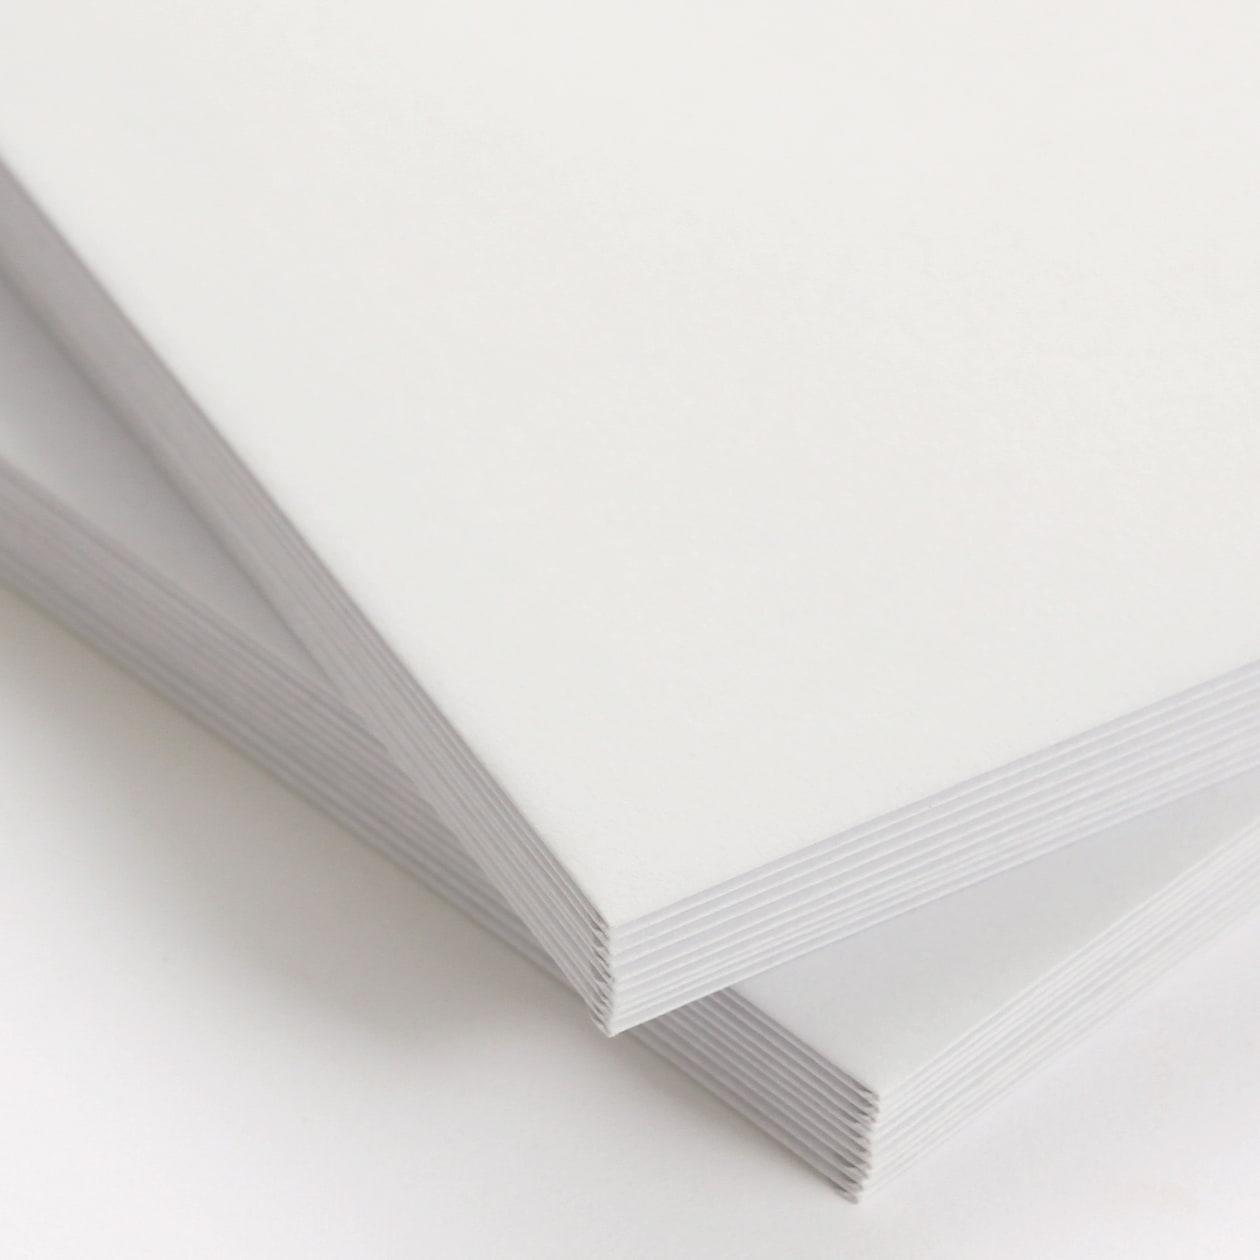 角2封筒 撥水ラップ99 ホワイト 100g